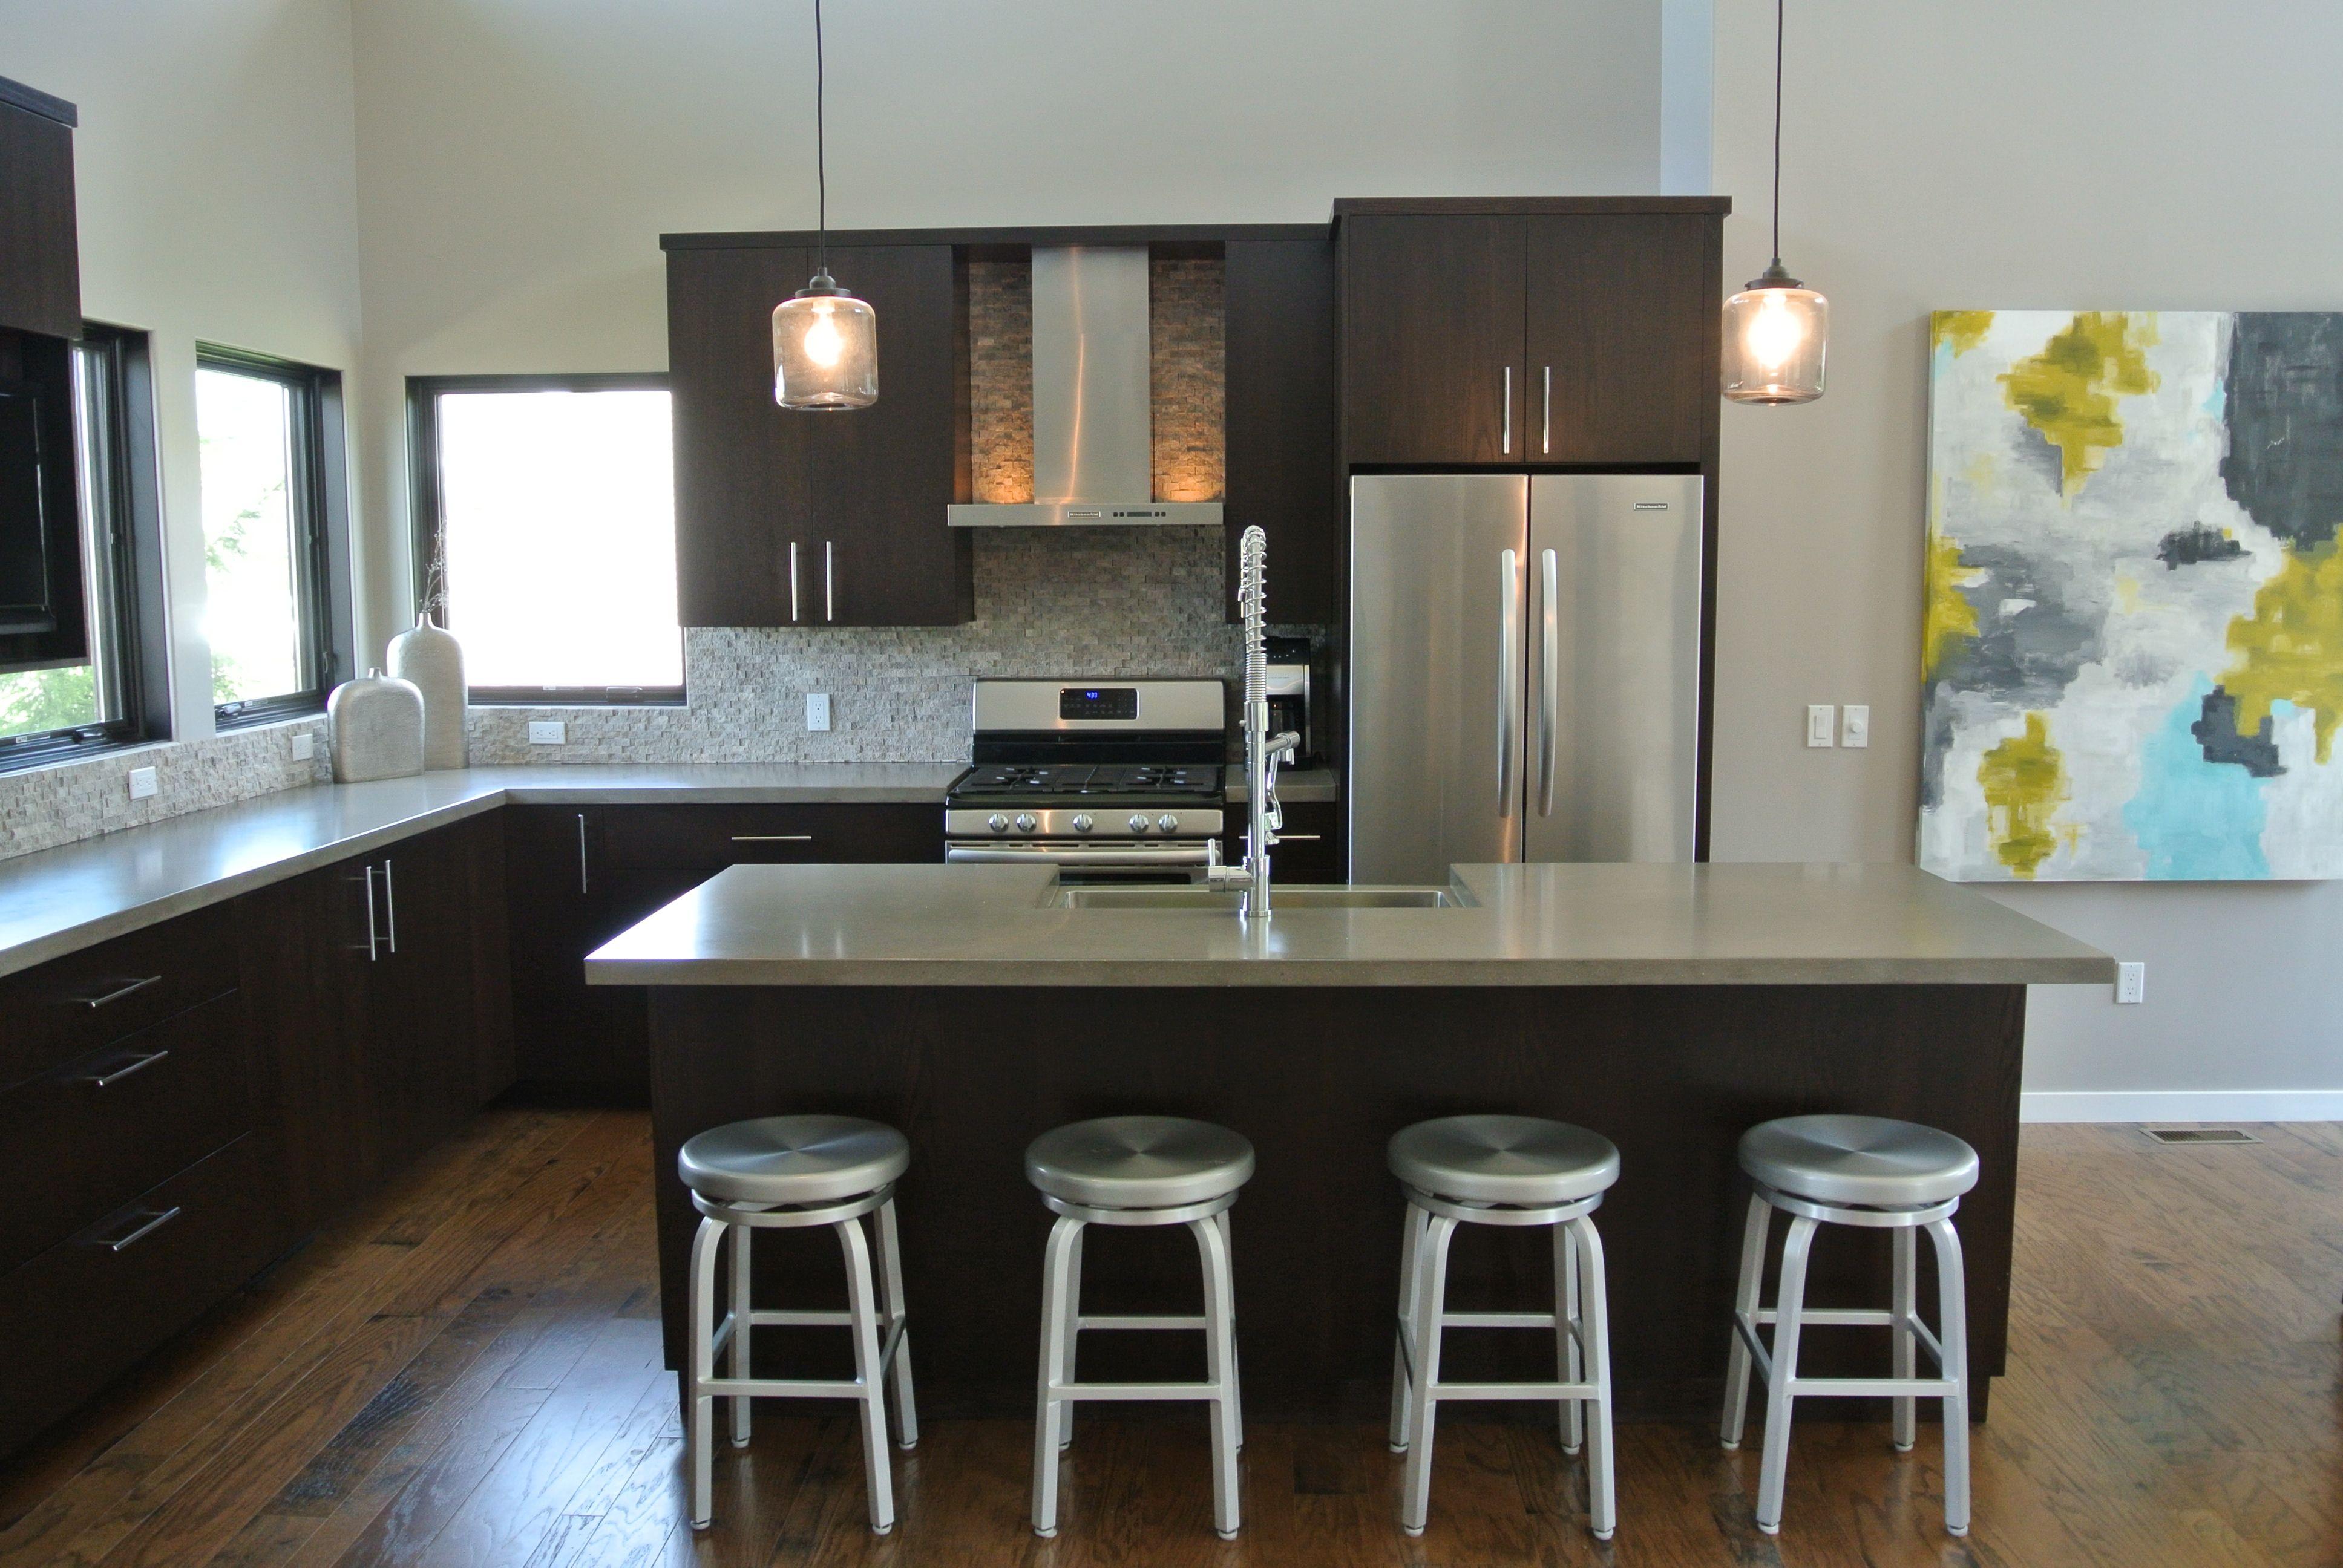 hard topix - precast concrete countertop | kitchen island